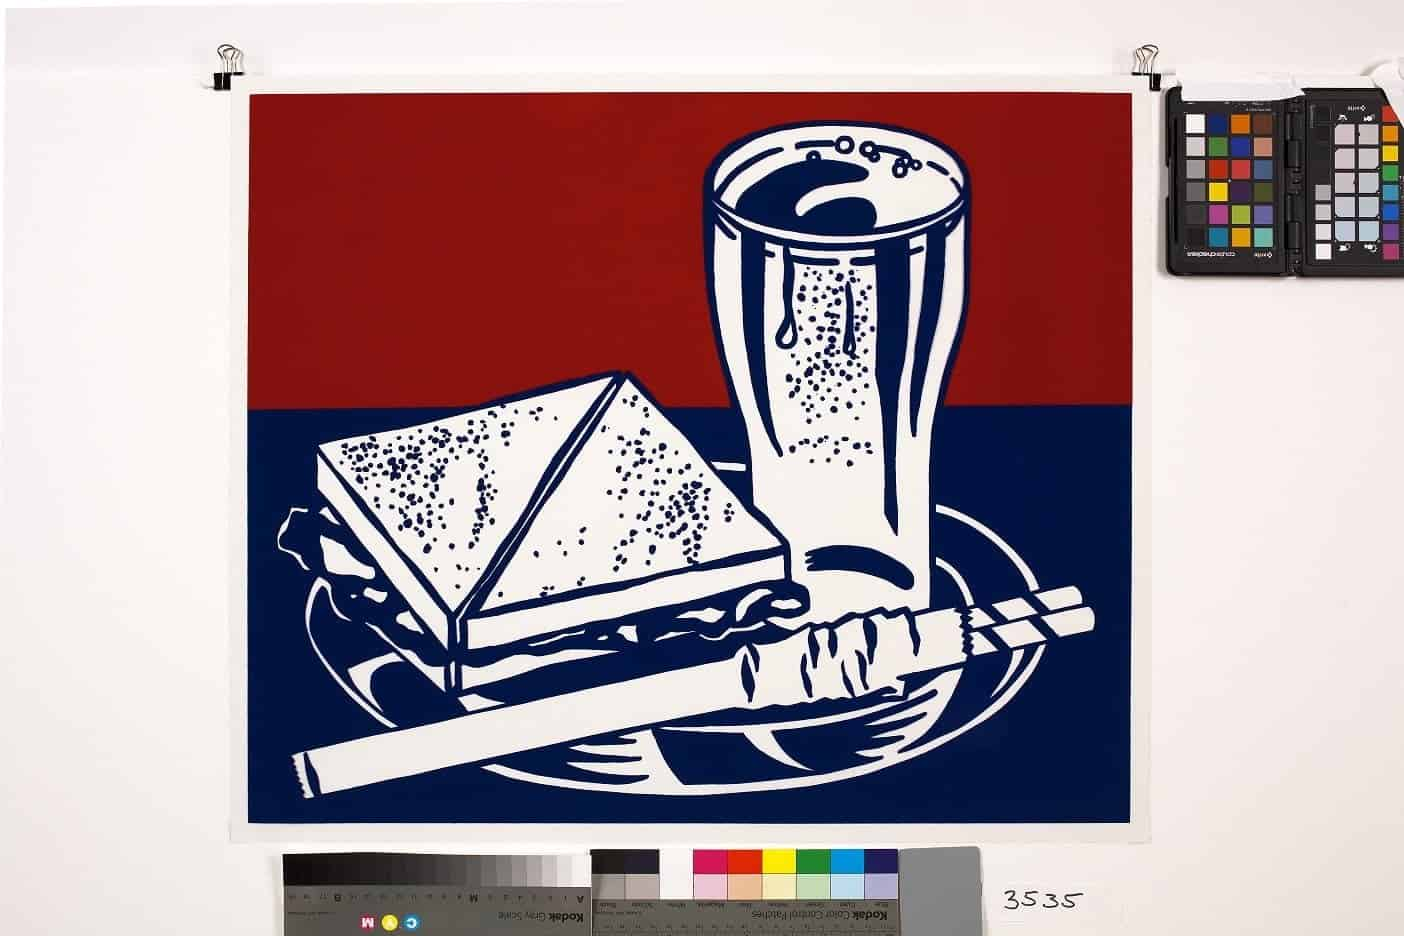 Roy Lichtenstein – Sandwich and Soda, 1964